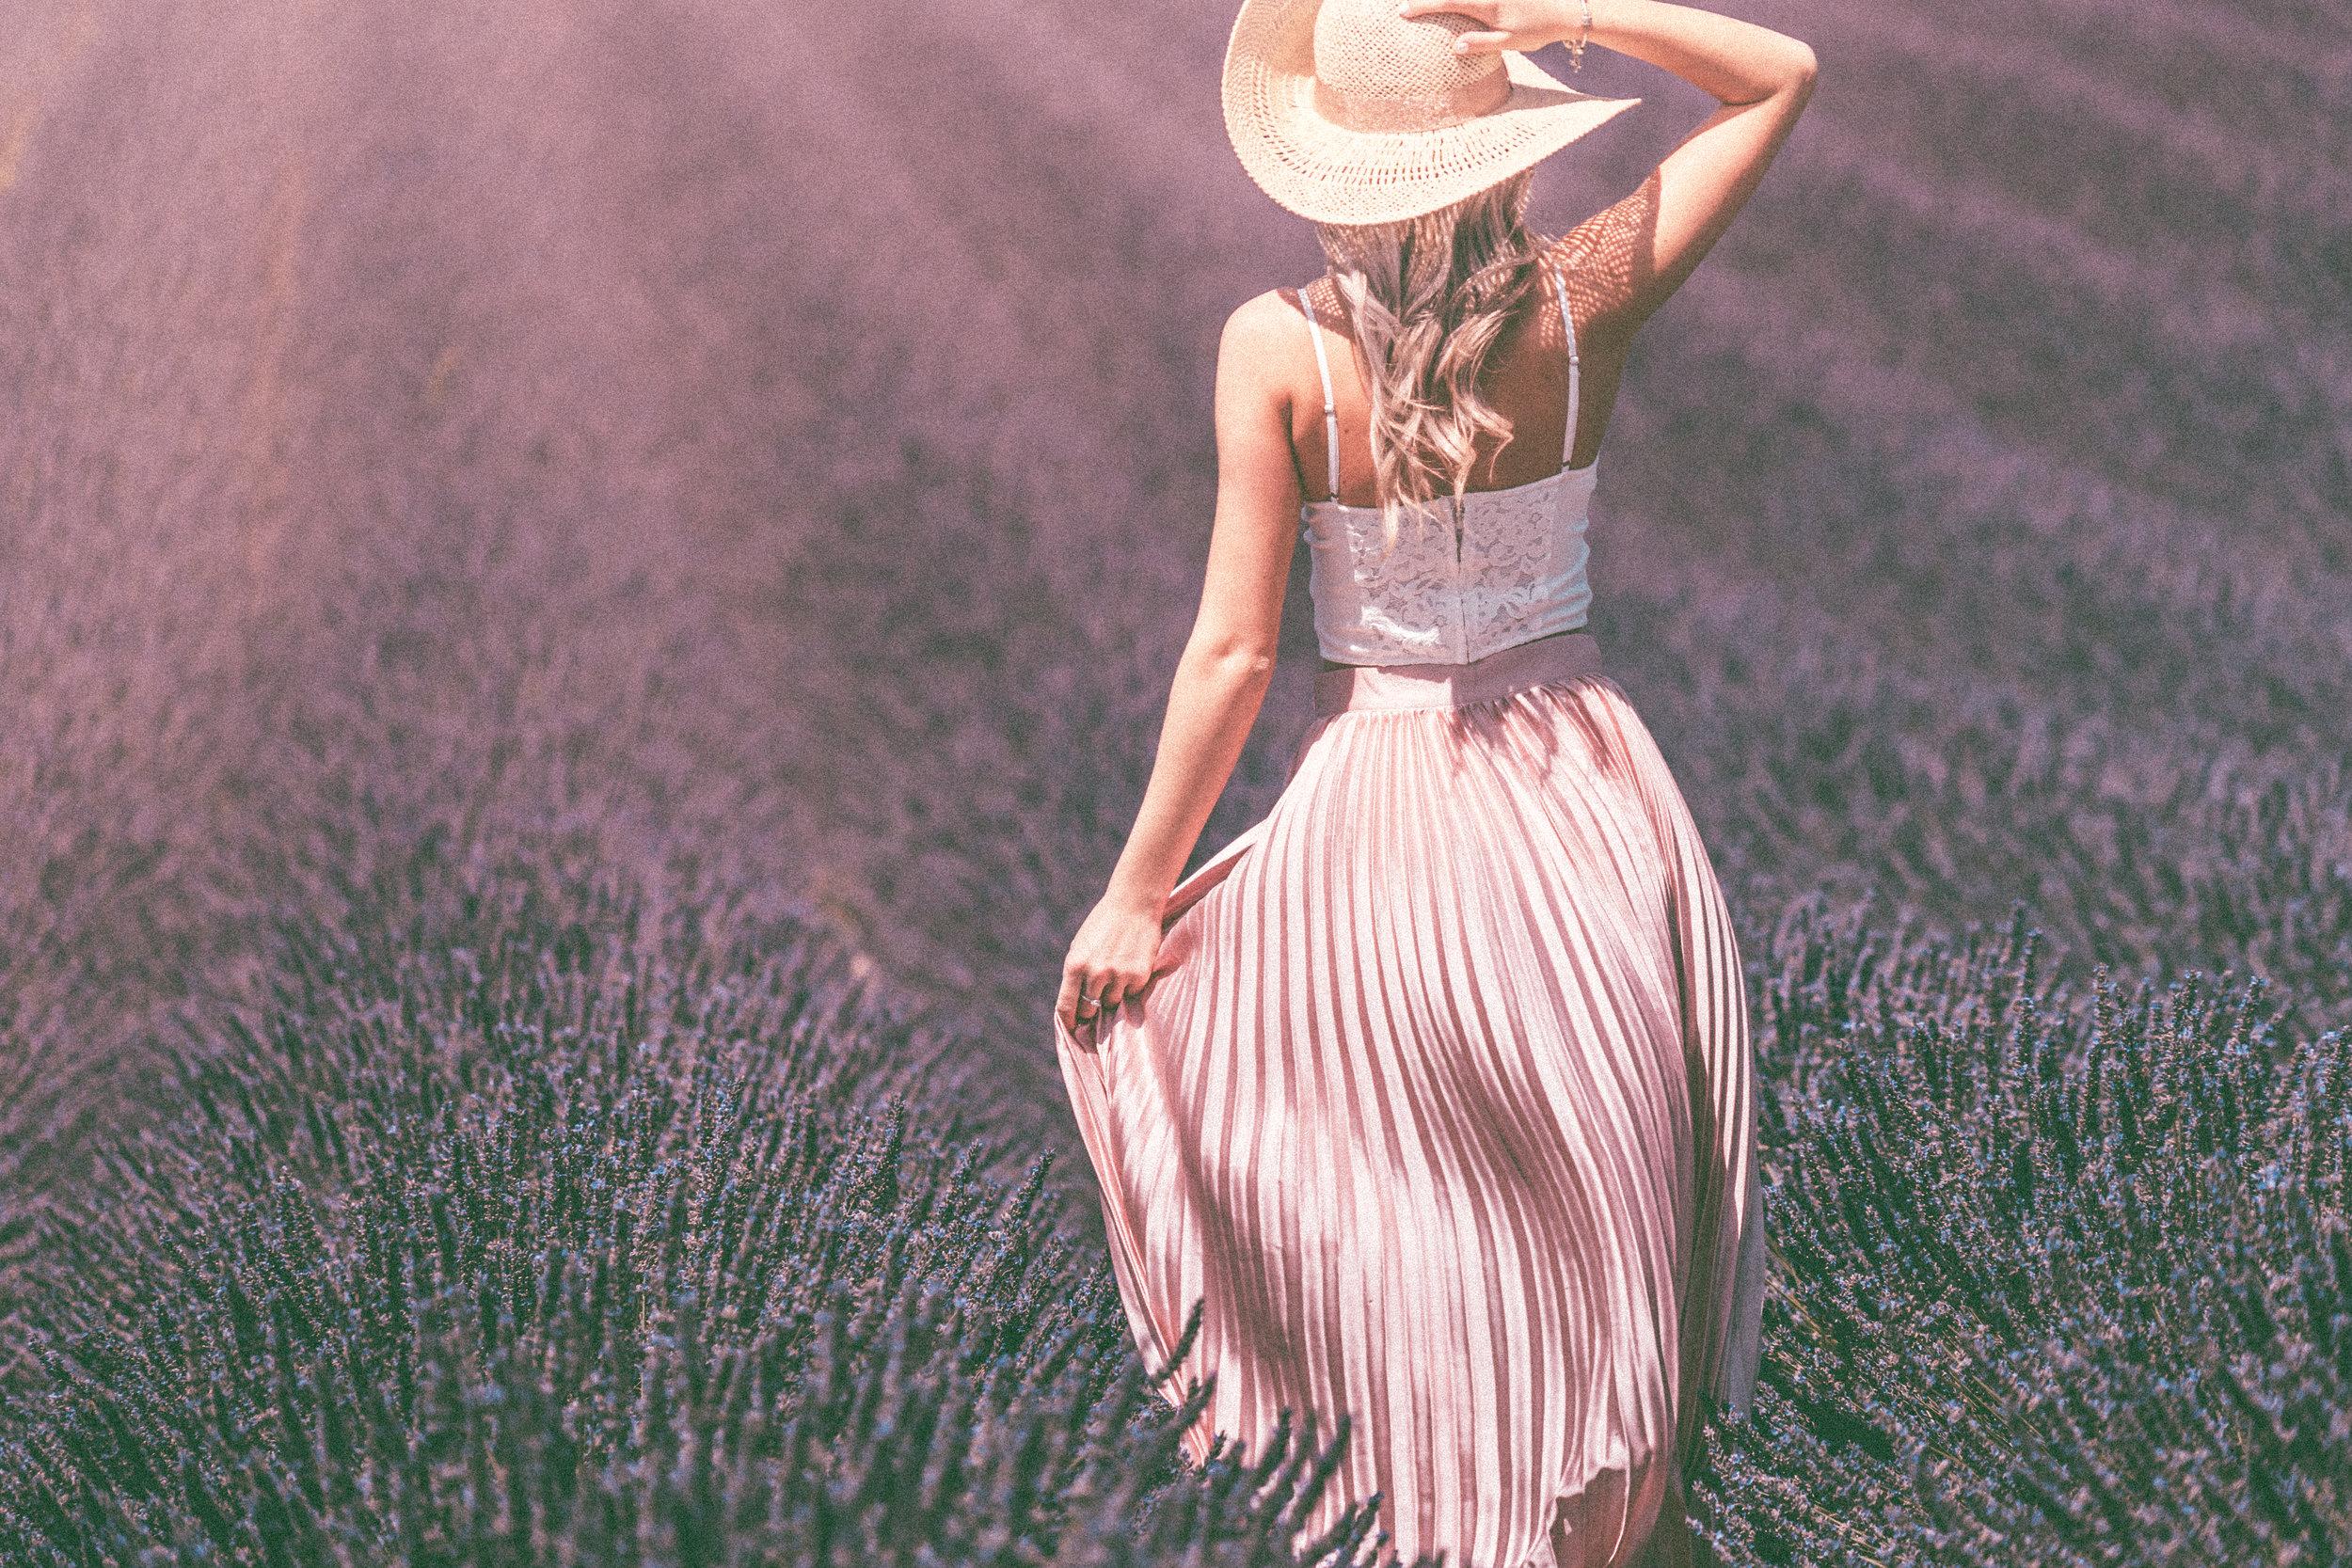 vintage-lavender-field-picjumbo-com.jpg